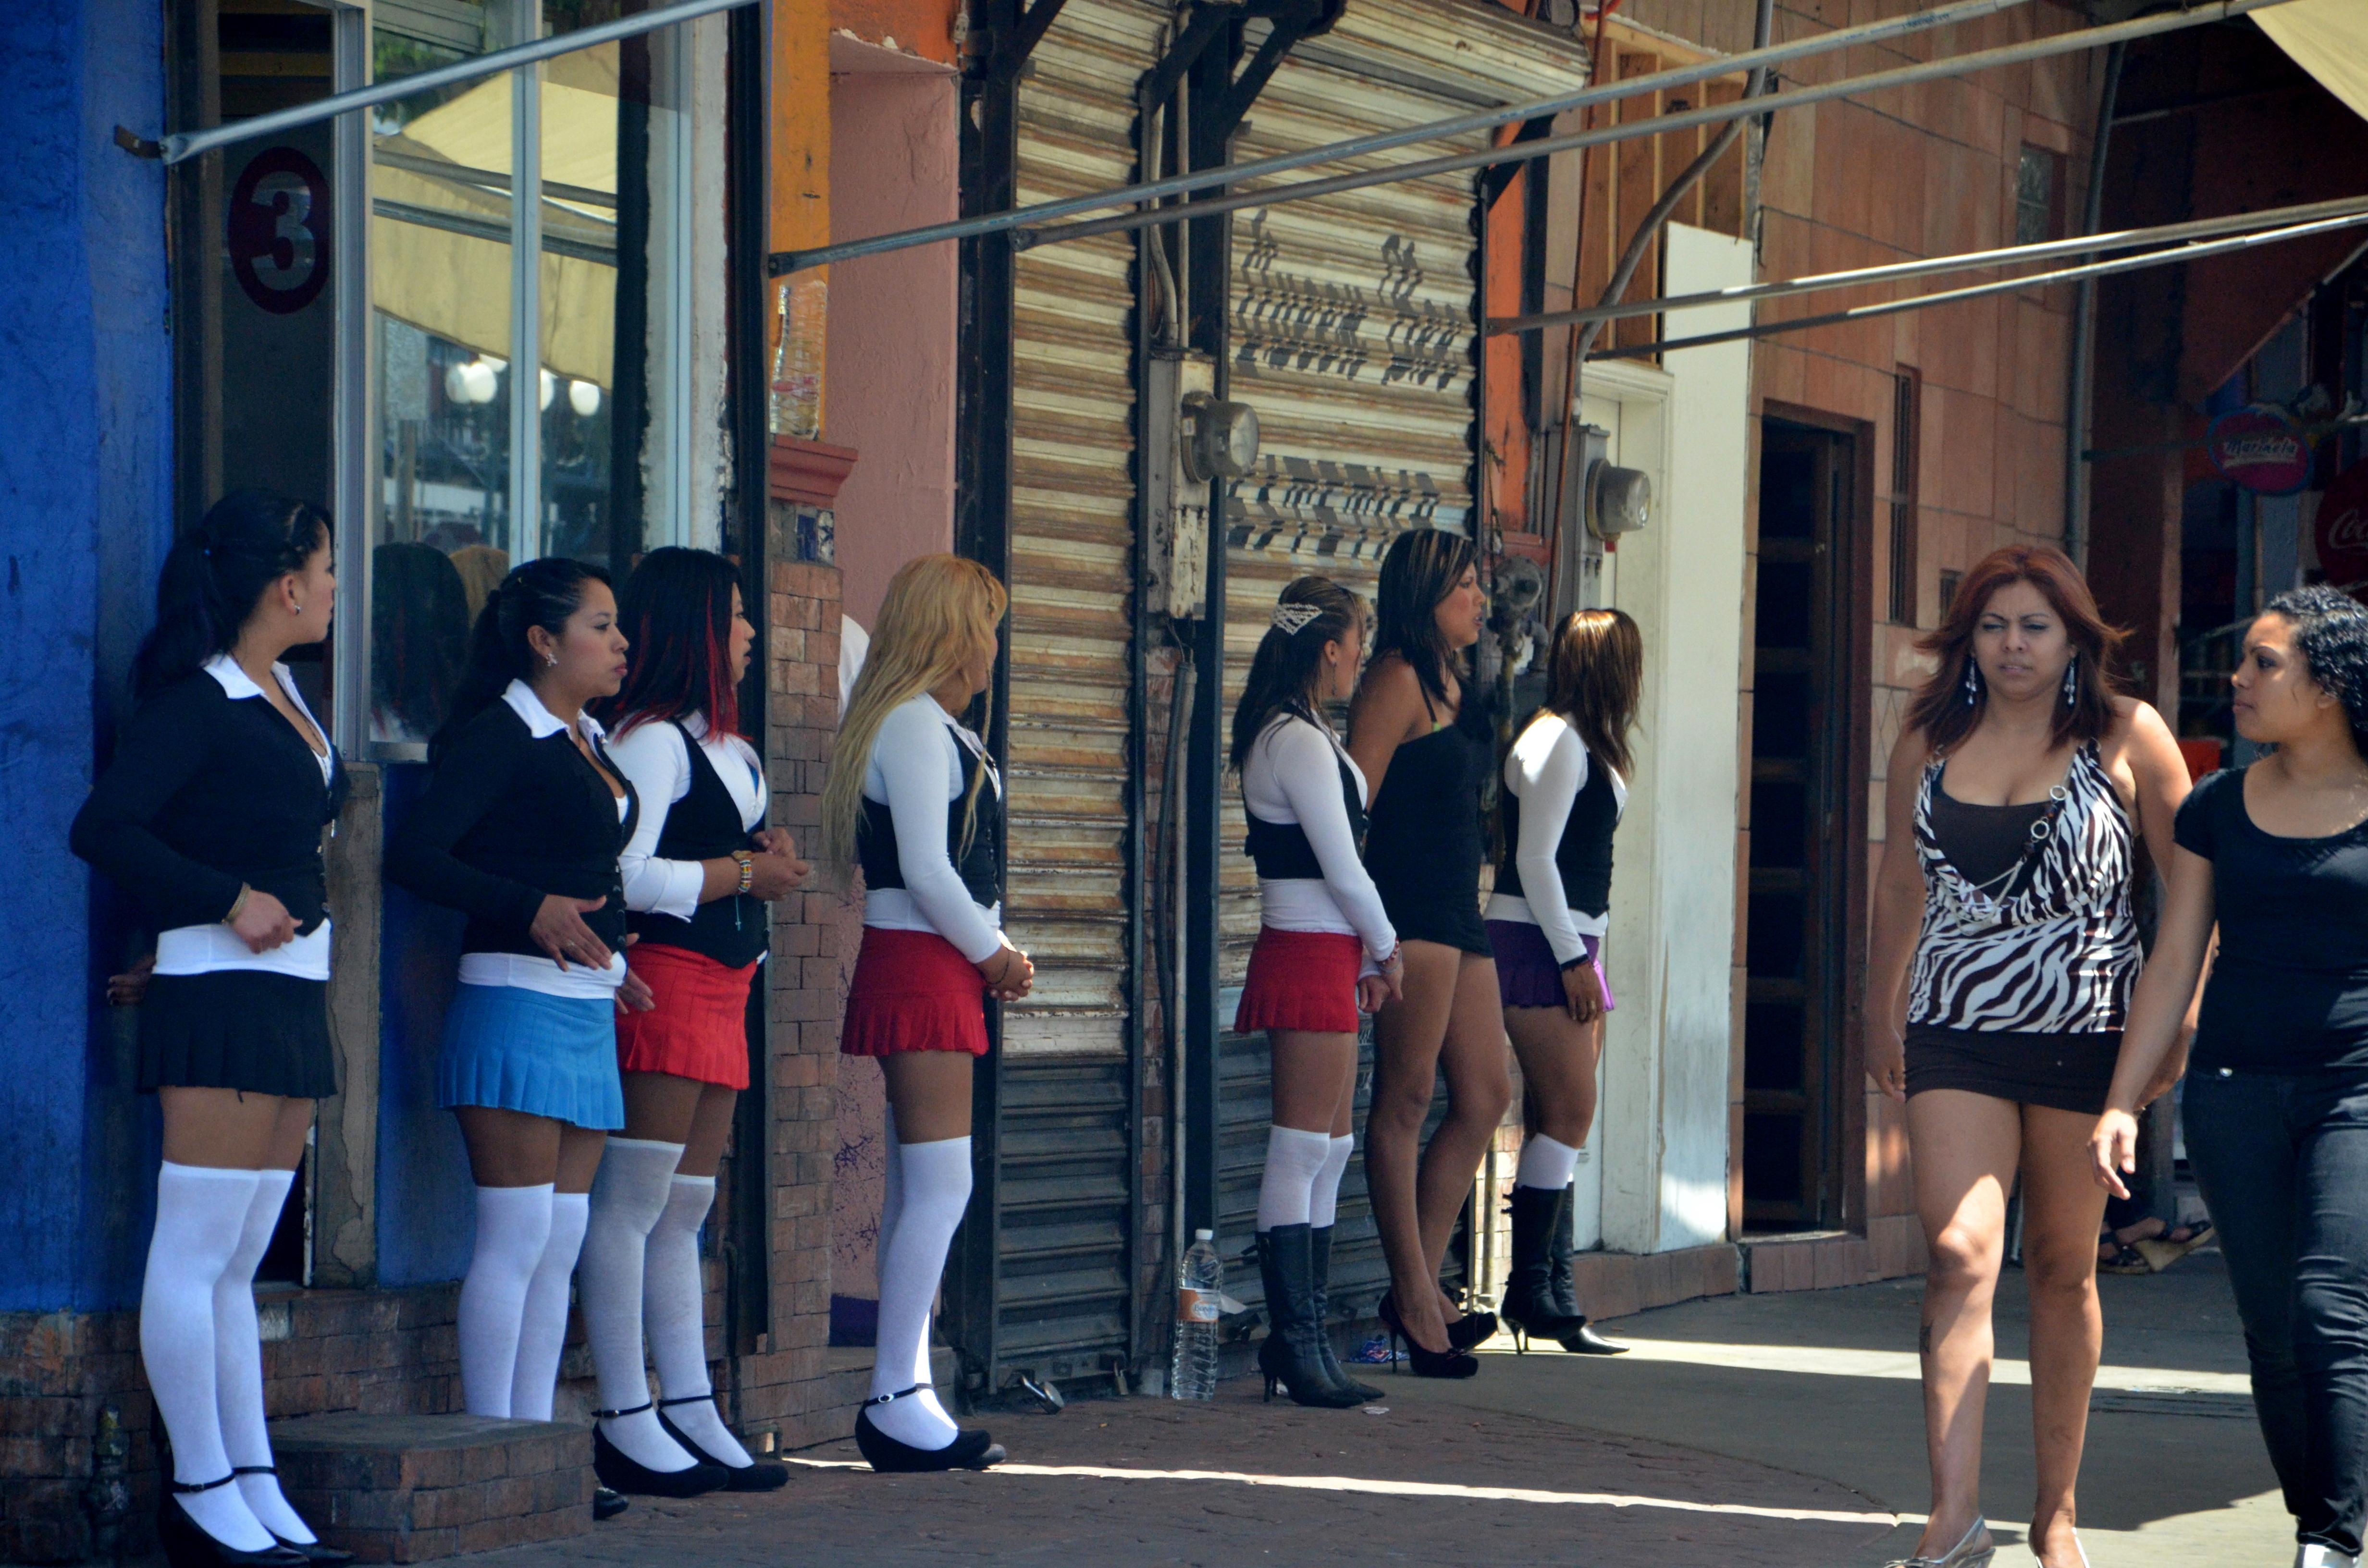 calle prostitutas amsterdam videos de prostitutas mexicanas